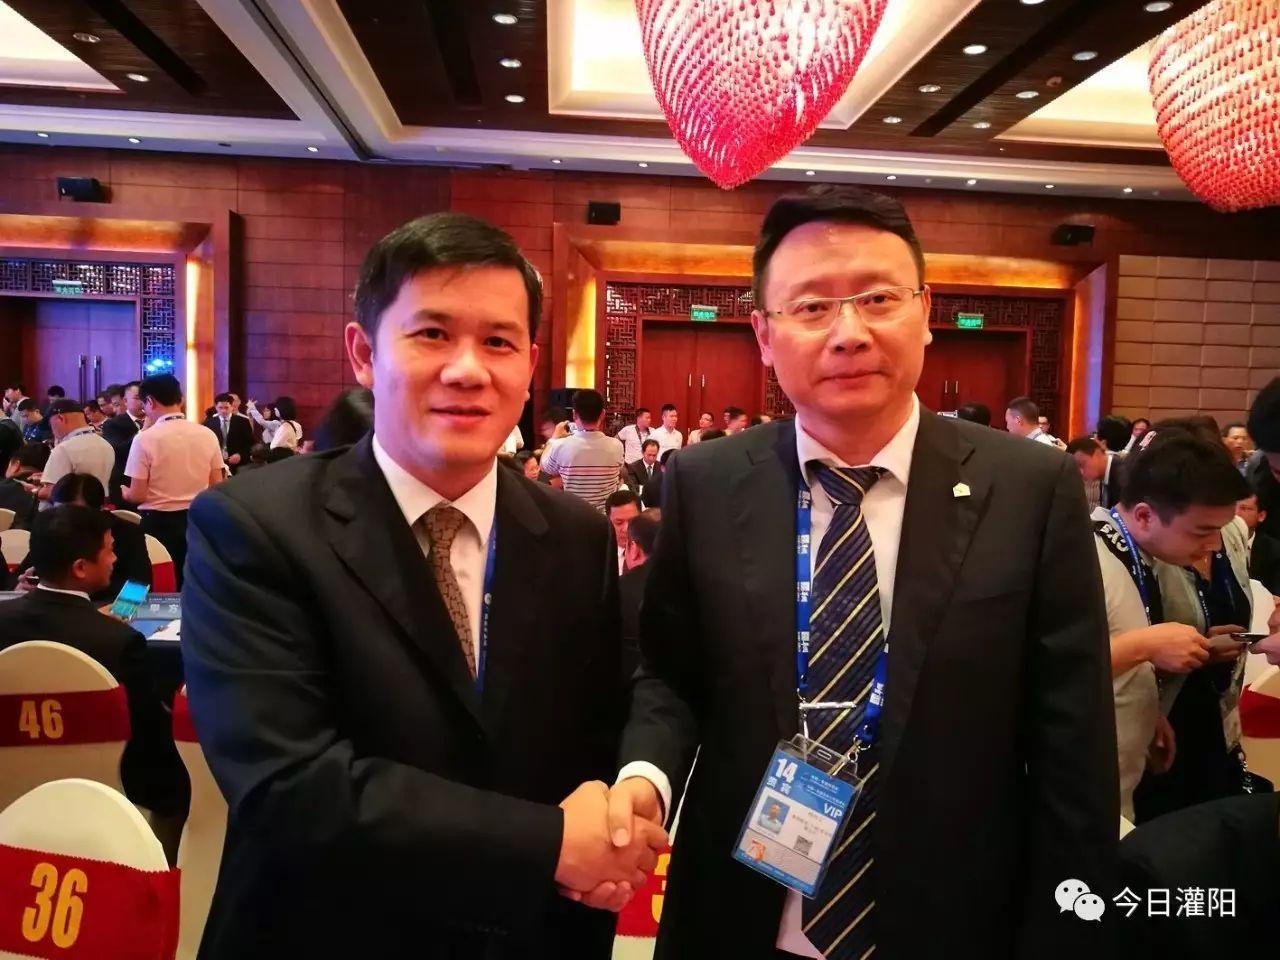 桂林灌阳县在第14届中国—东盟博览会上再签8个亿 - wmj69888 - wmj69888的博客